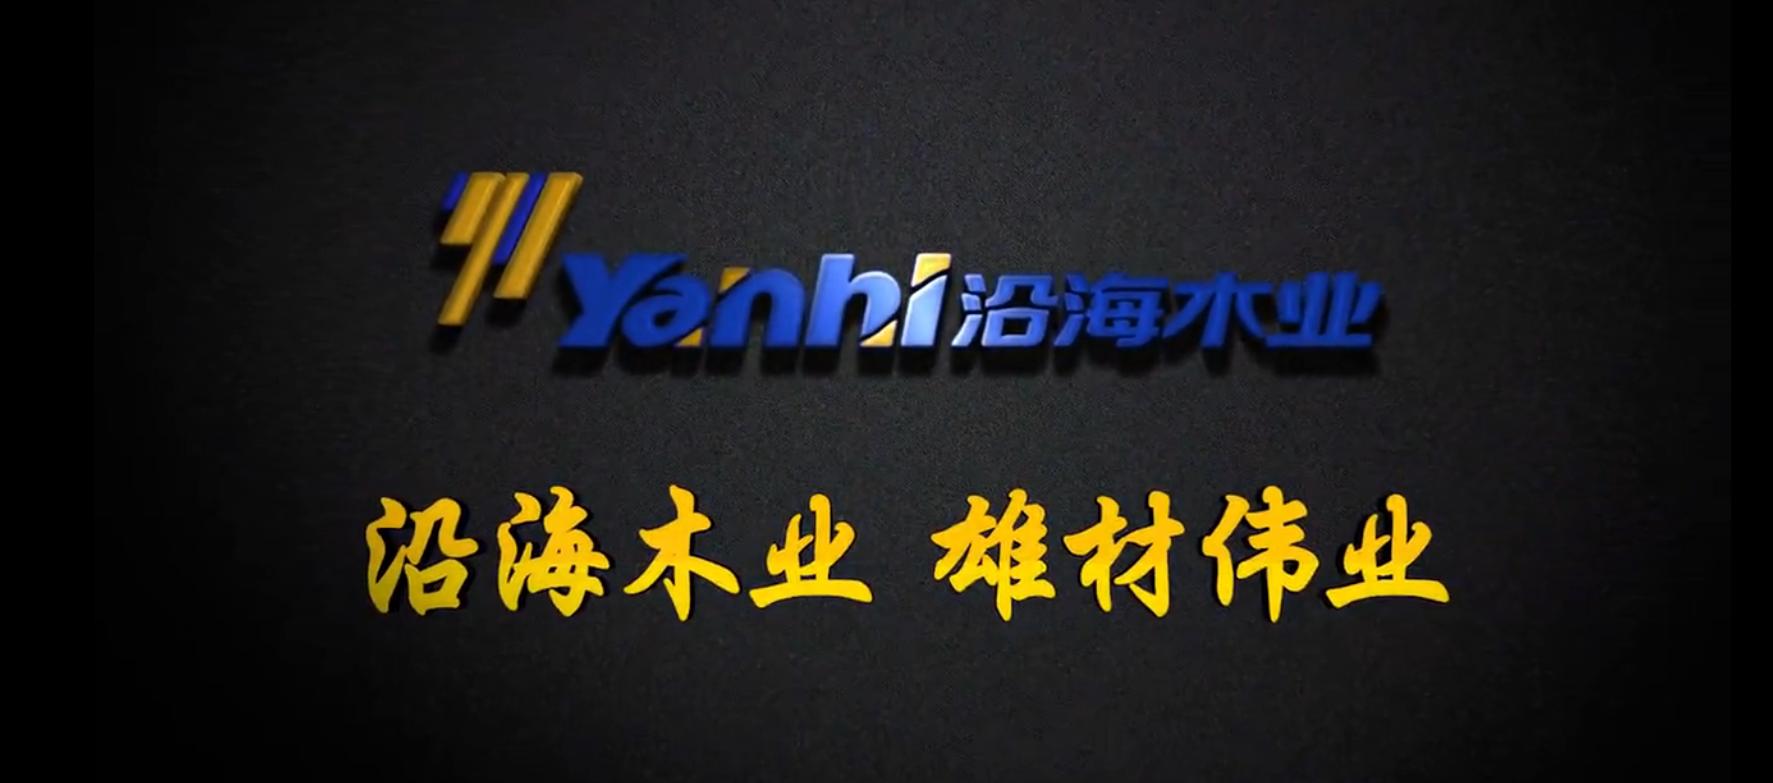 申慱娱乐宣传片